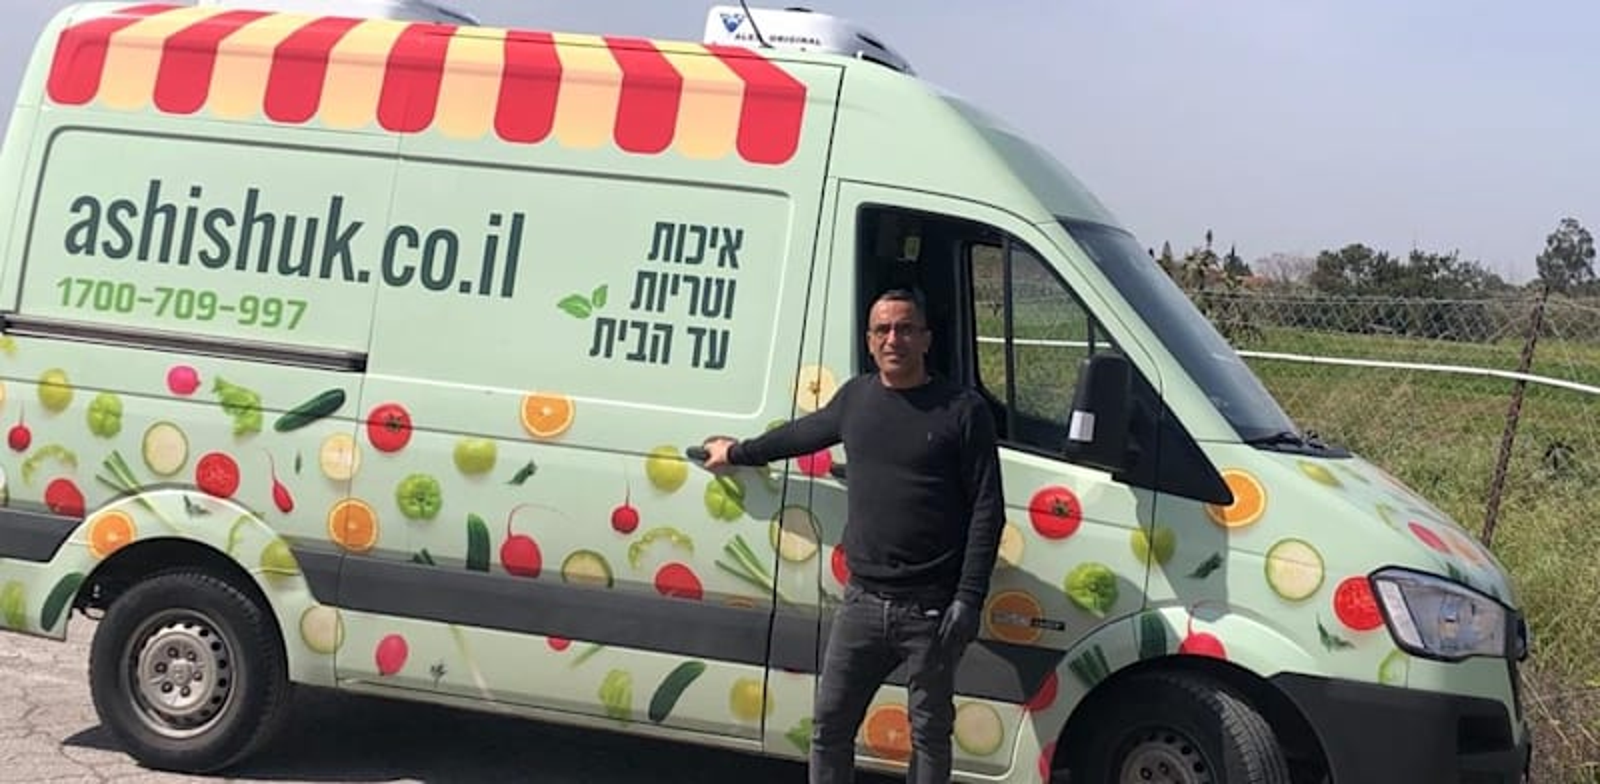 בועז יעיש, הבעלים של אשישוק, עסק לשיווק פירות וירקות / צילום: אסף ריימונד